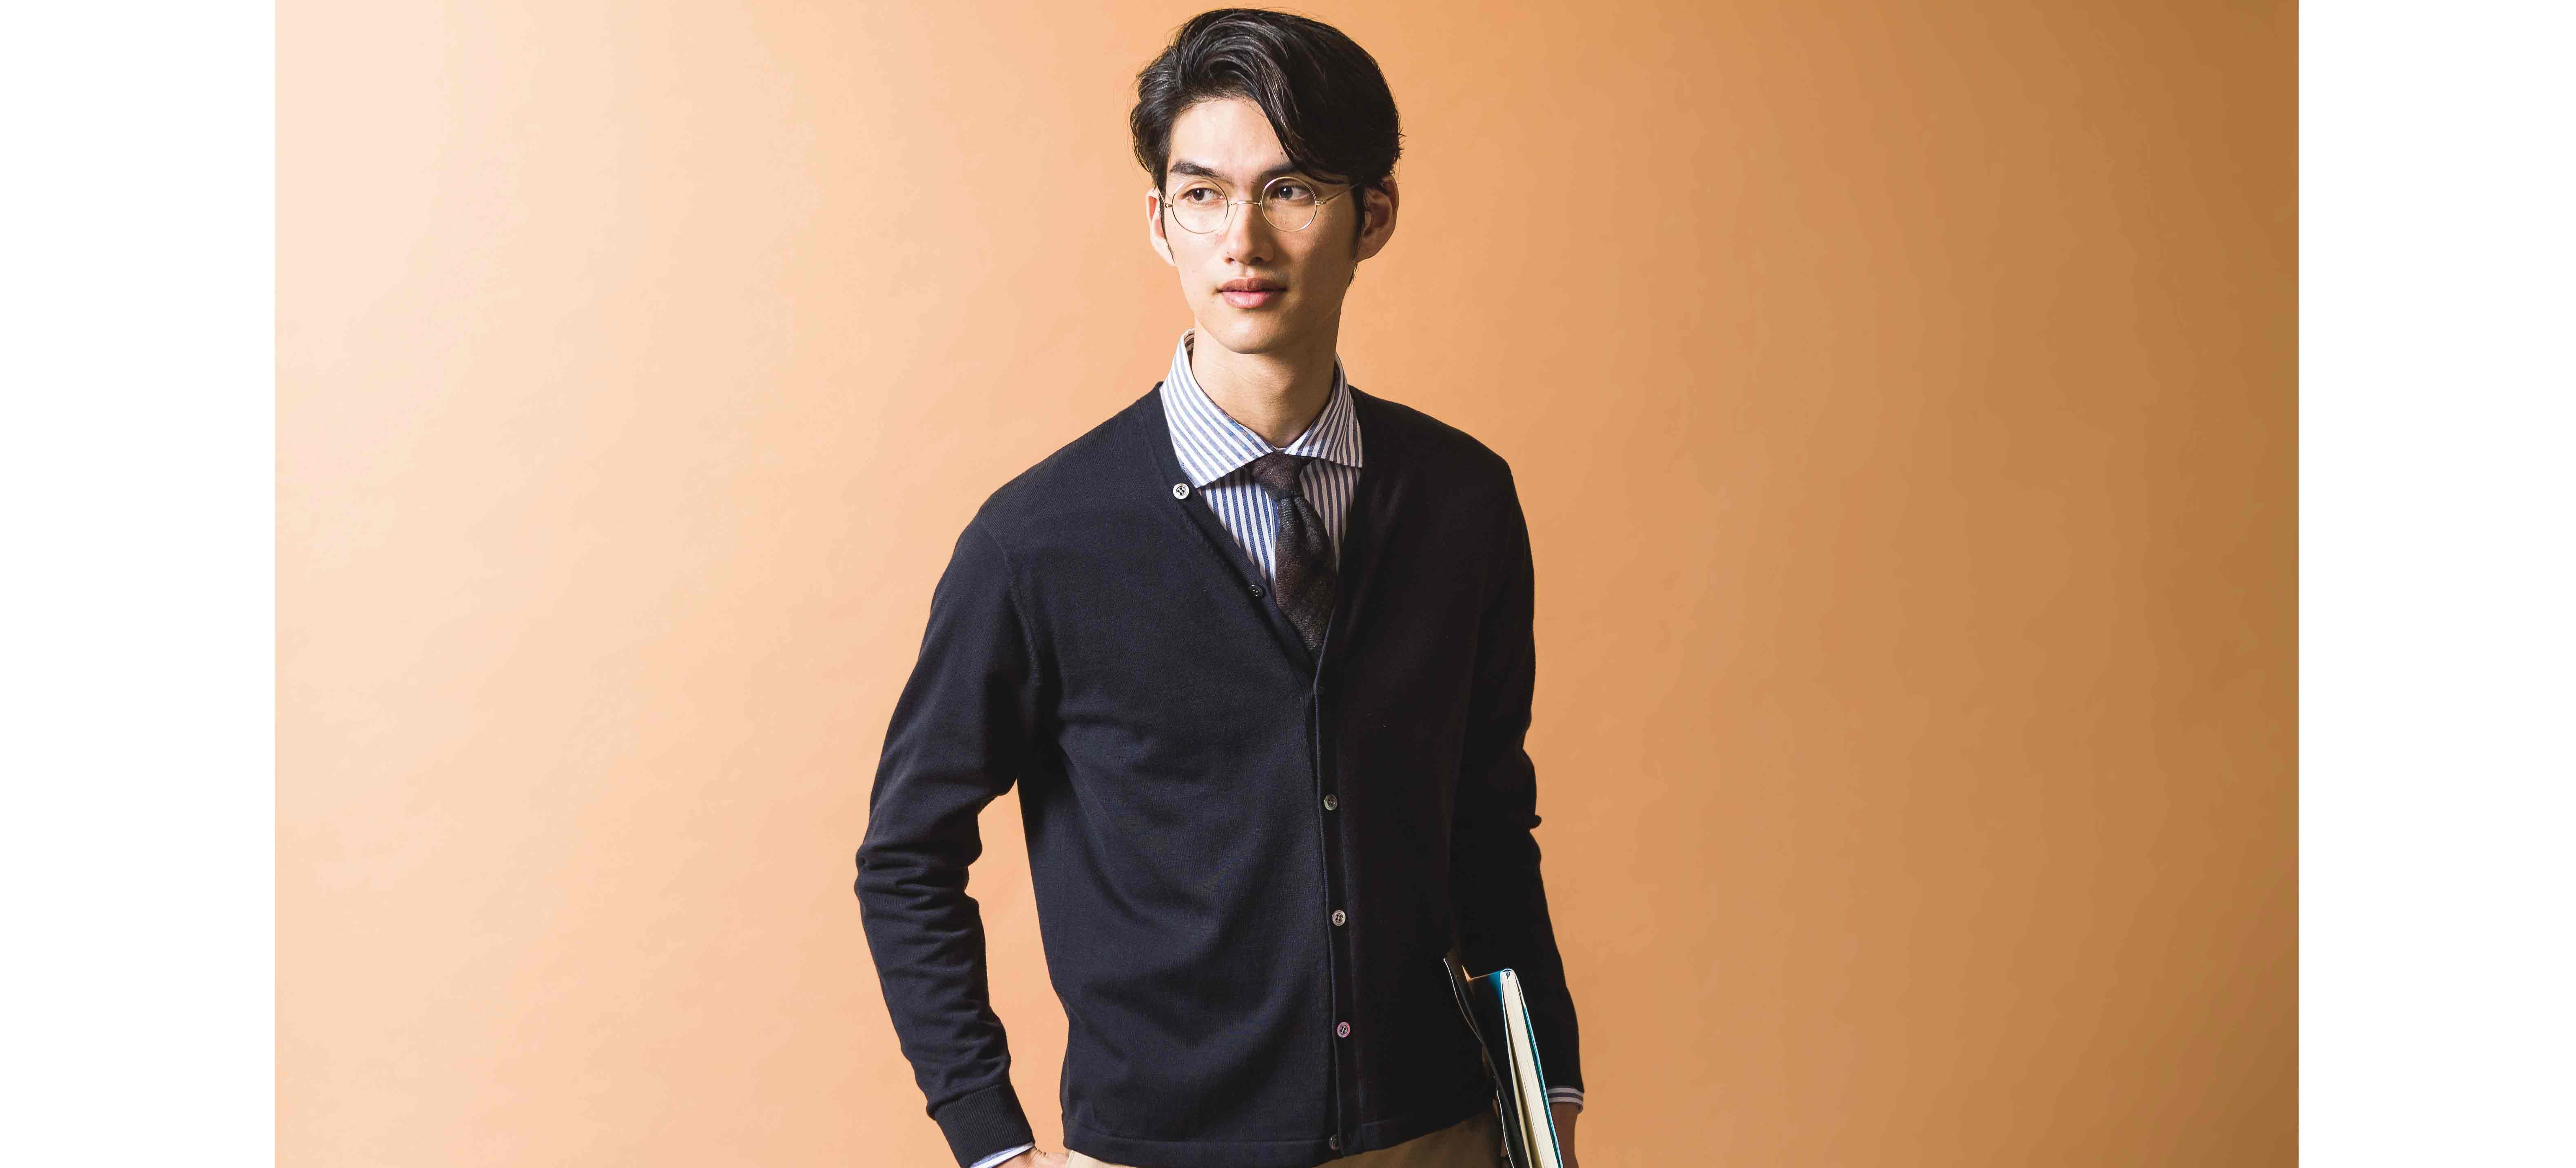 ビジネスマンのワードローブに、〈クロスクローゼット〉の1着を。「本物」が分かる男のシャツ